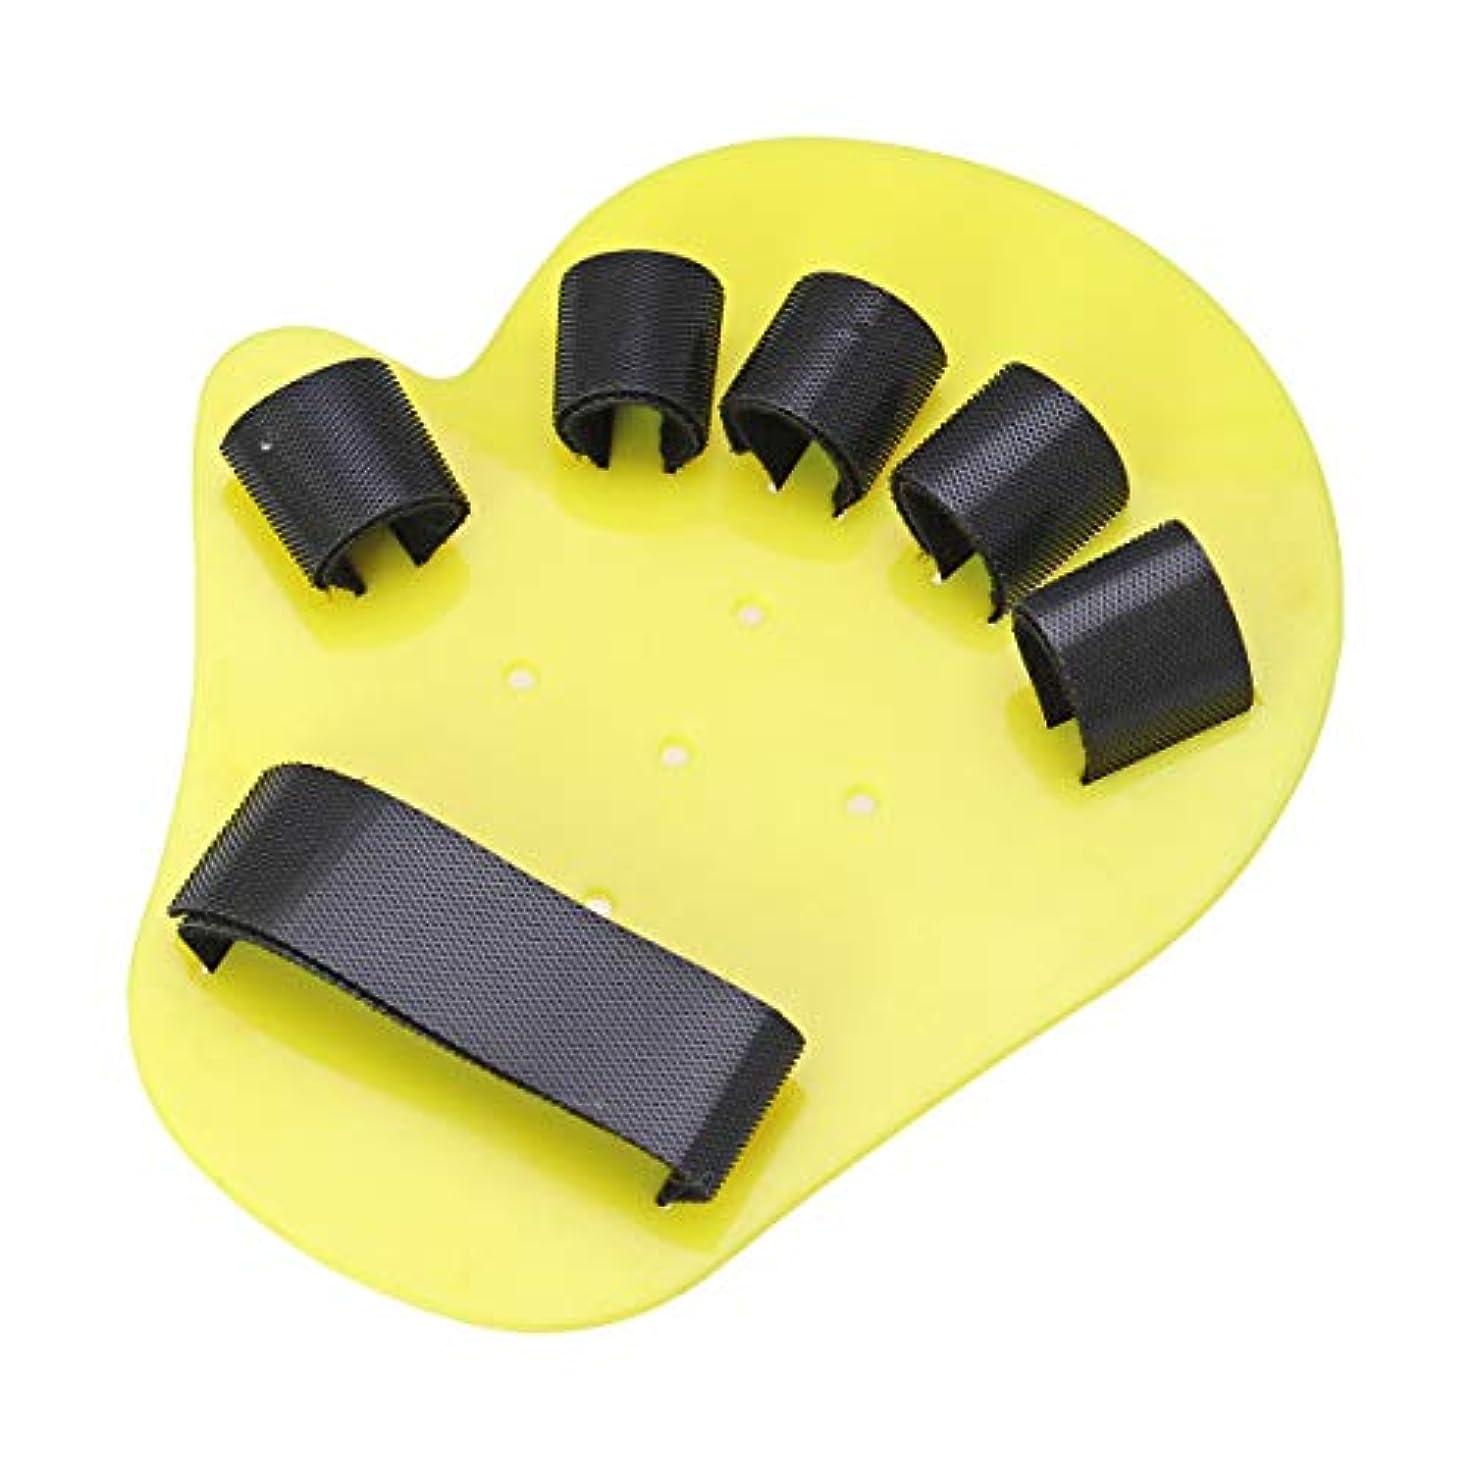 覗く下イヤホンSUPVOX 指の装具キッズ指トレーニングボード指副木指用脳卒中片麻痺5-10年